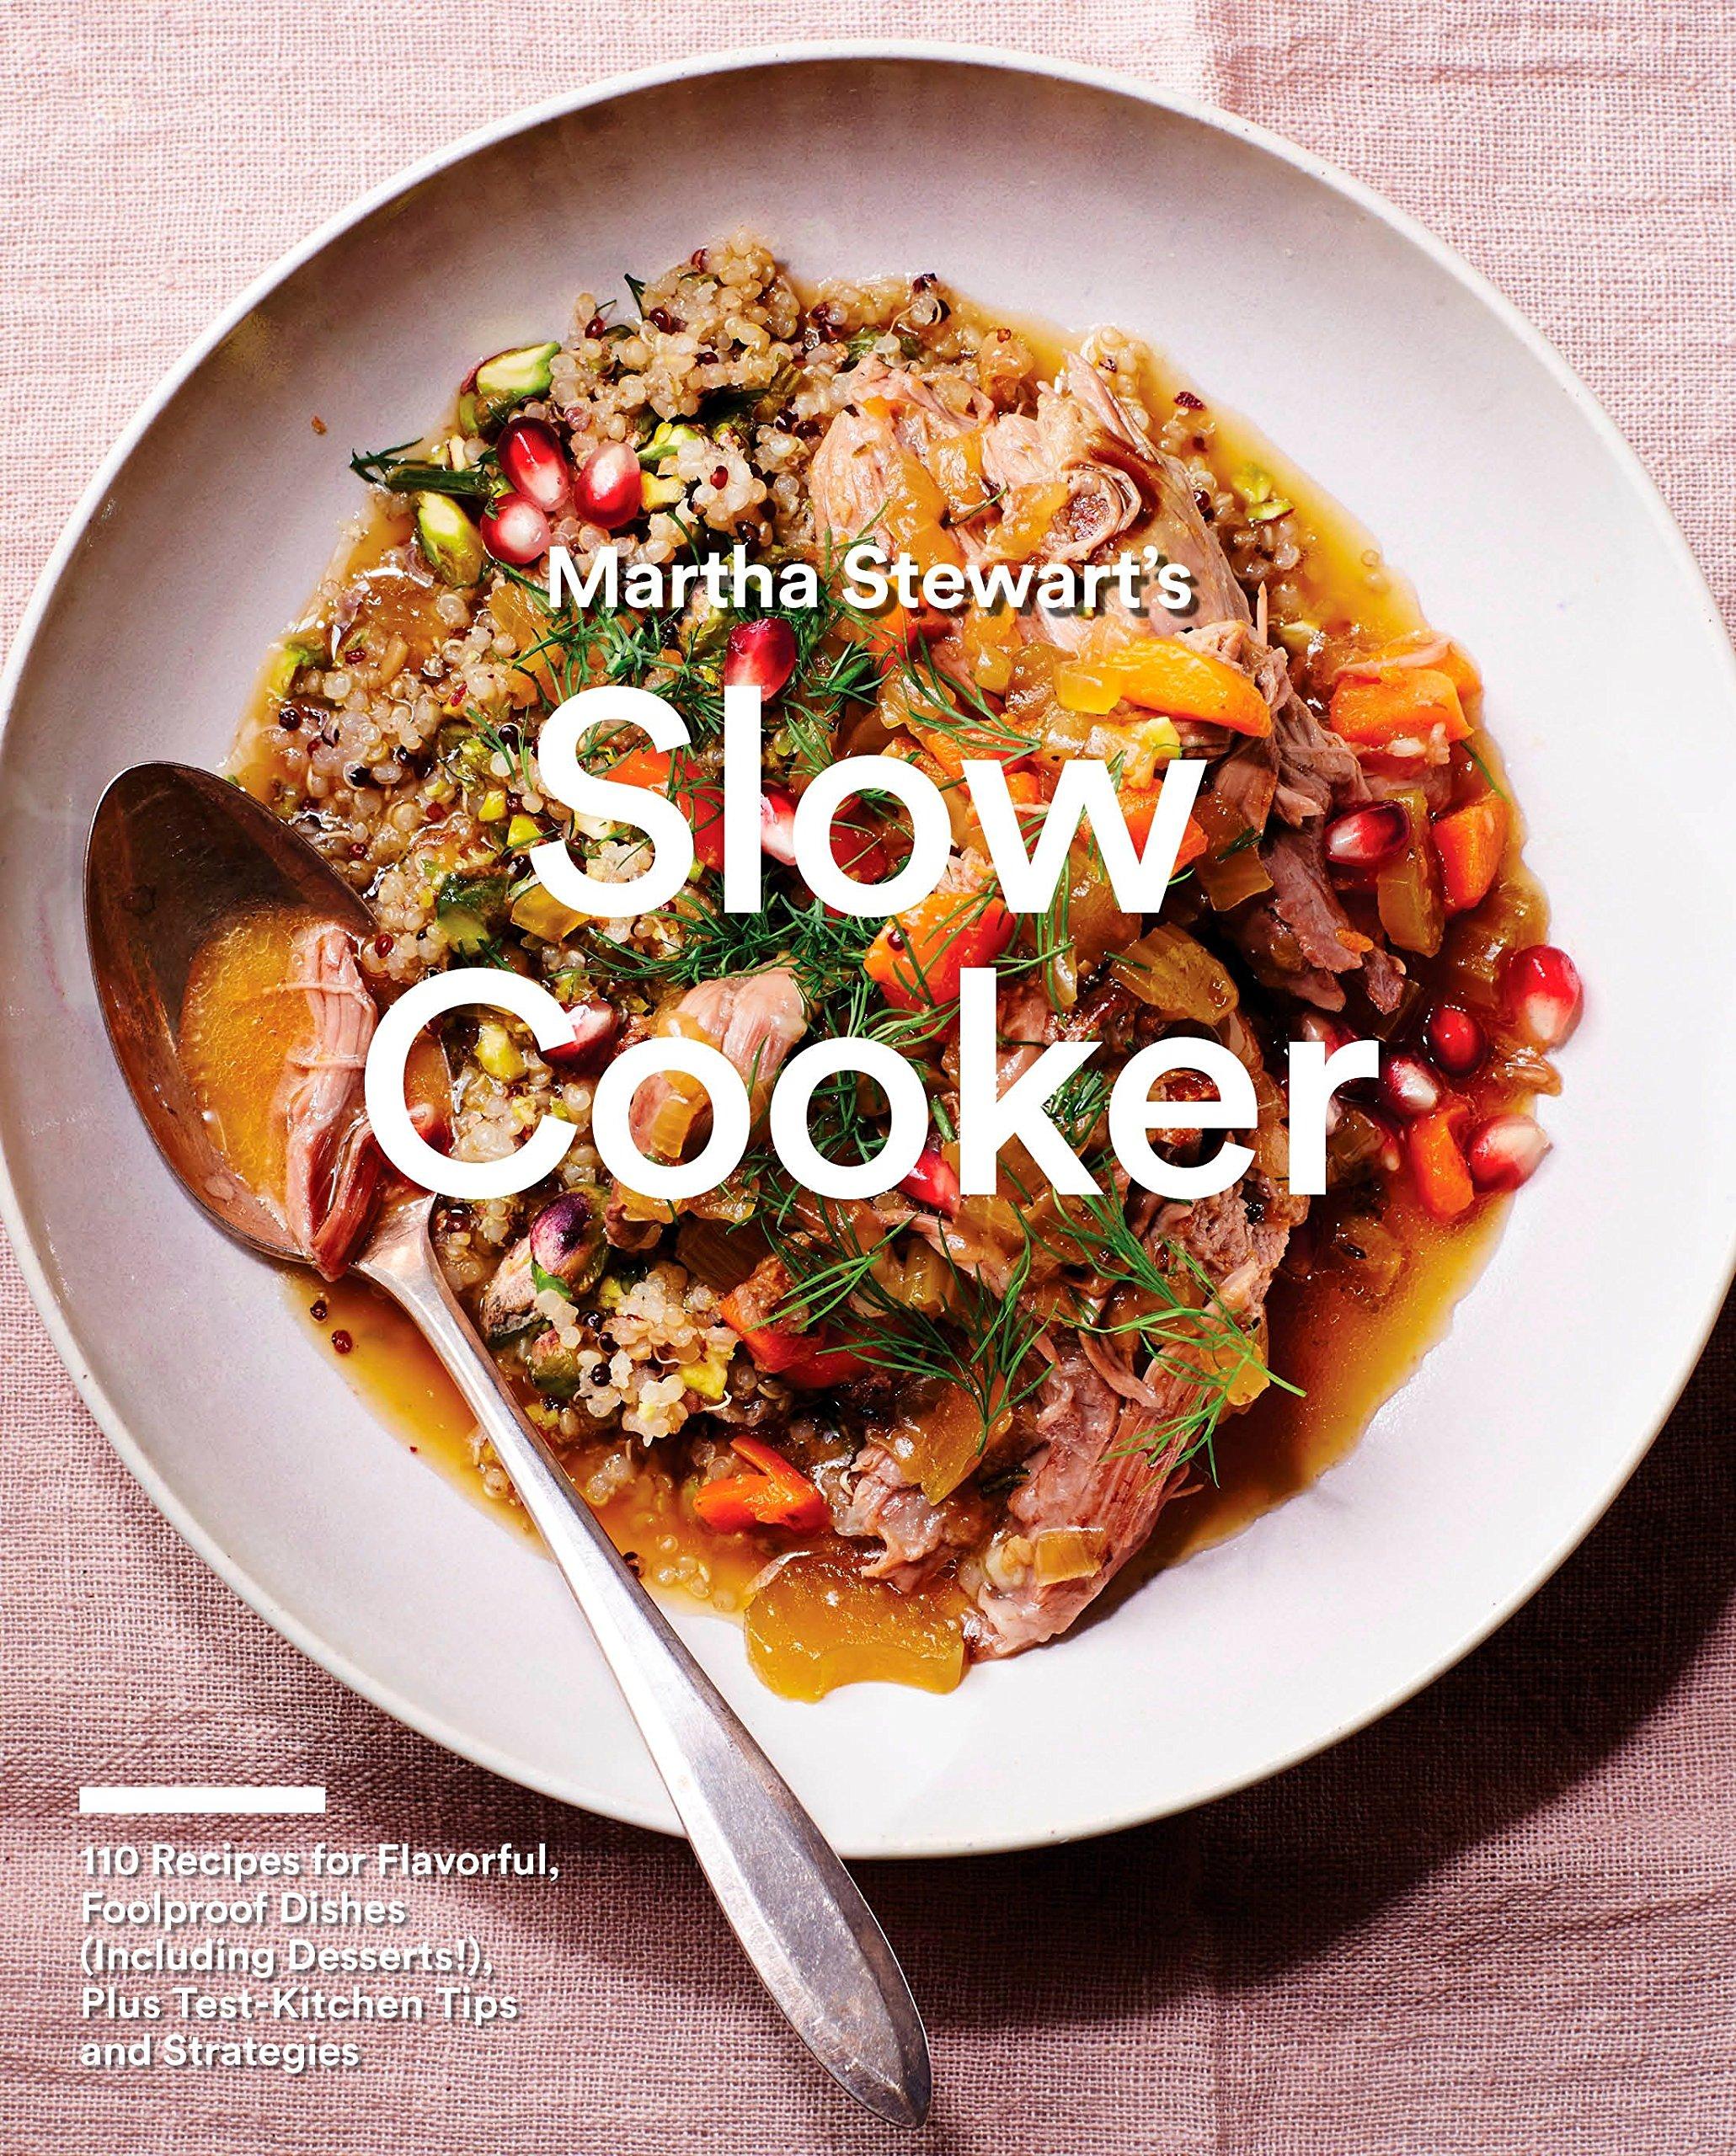 A1nkgwTRASL - Martha Stewart's slow cooker